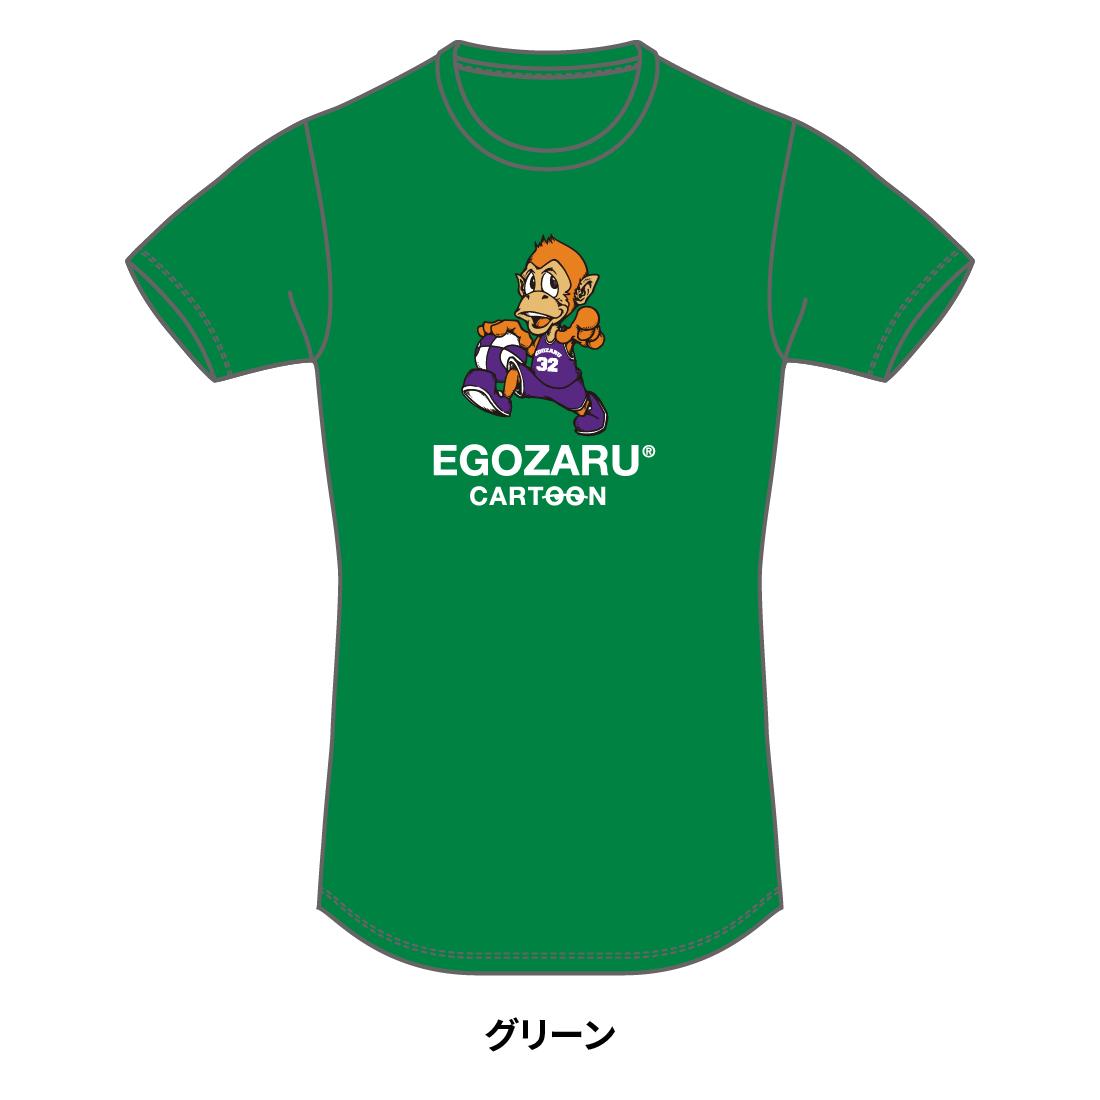 【第51回全ミニ限定】CARTOON tommy TシャツB(半袖)グリーン